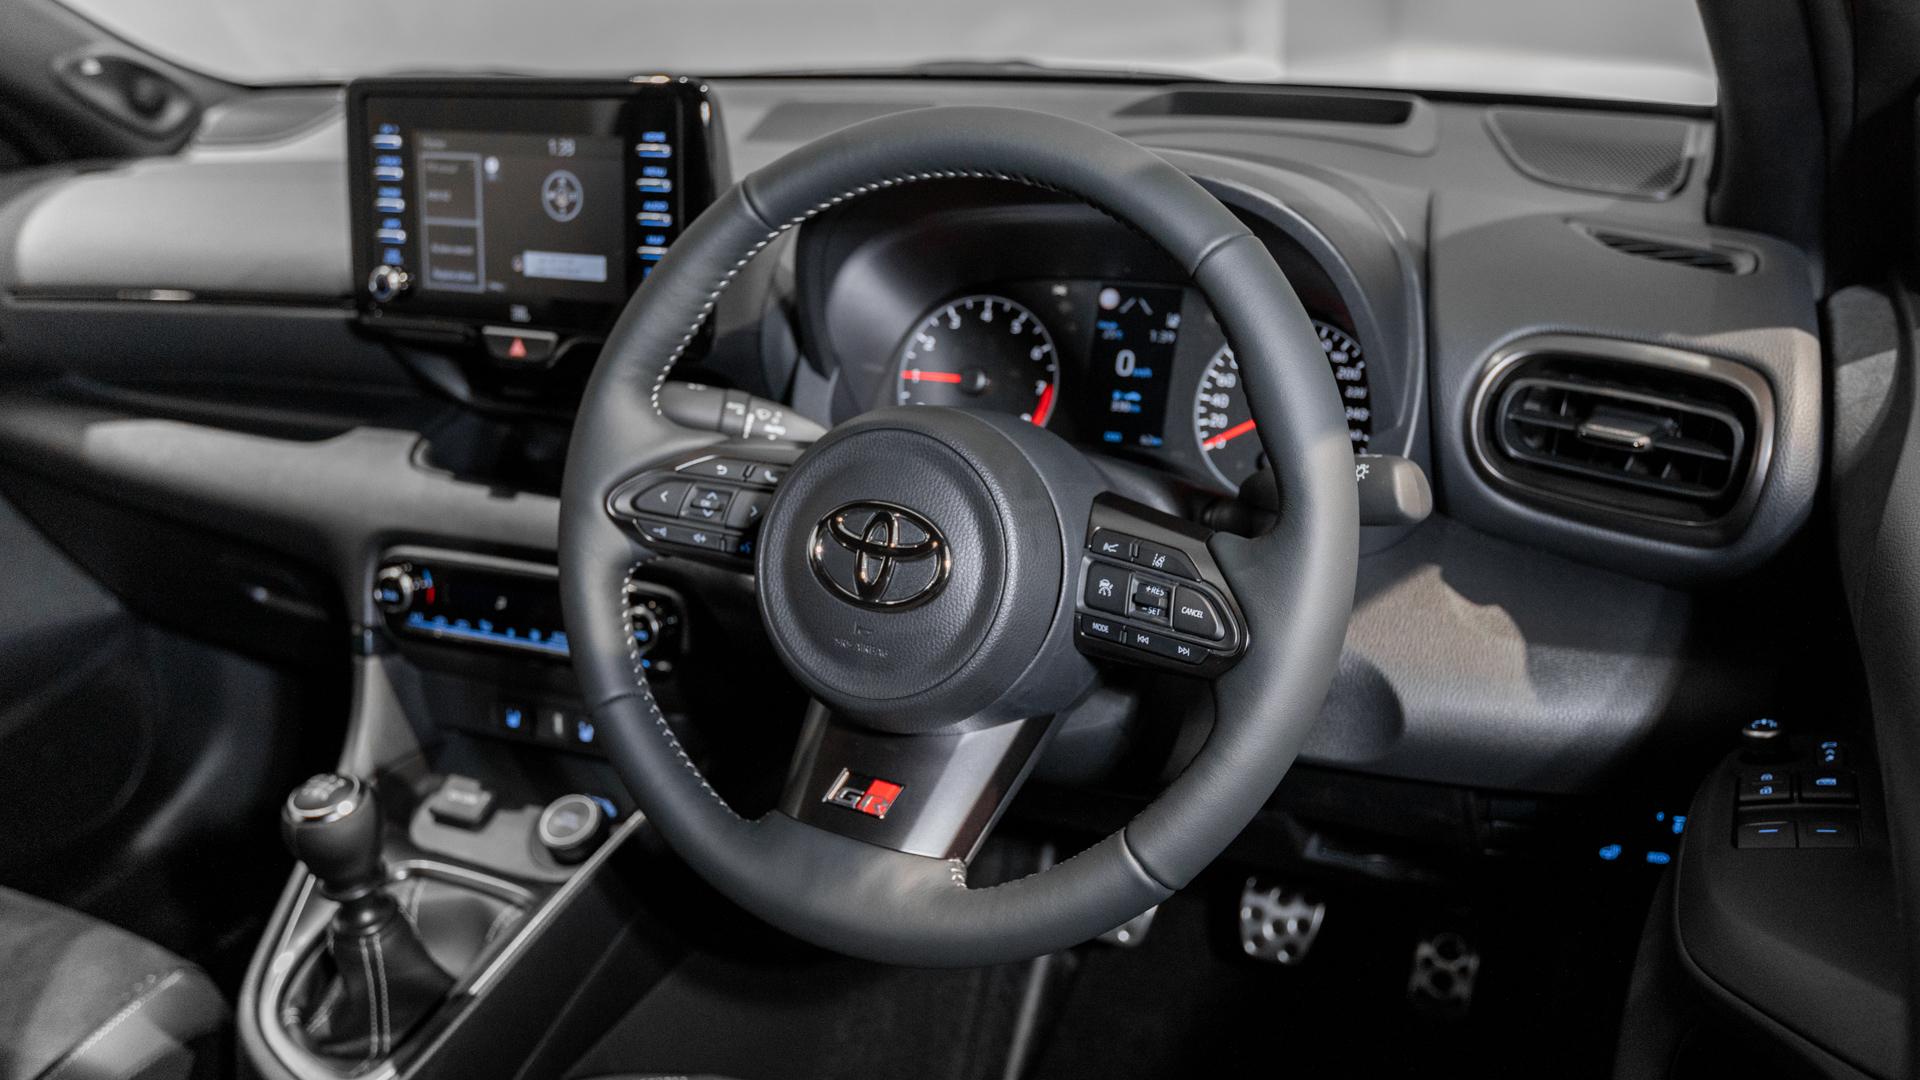 Toyota Yaris GR - Steering Wheel